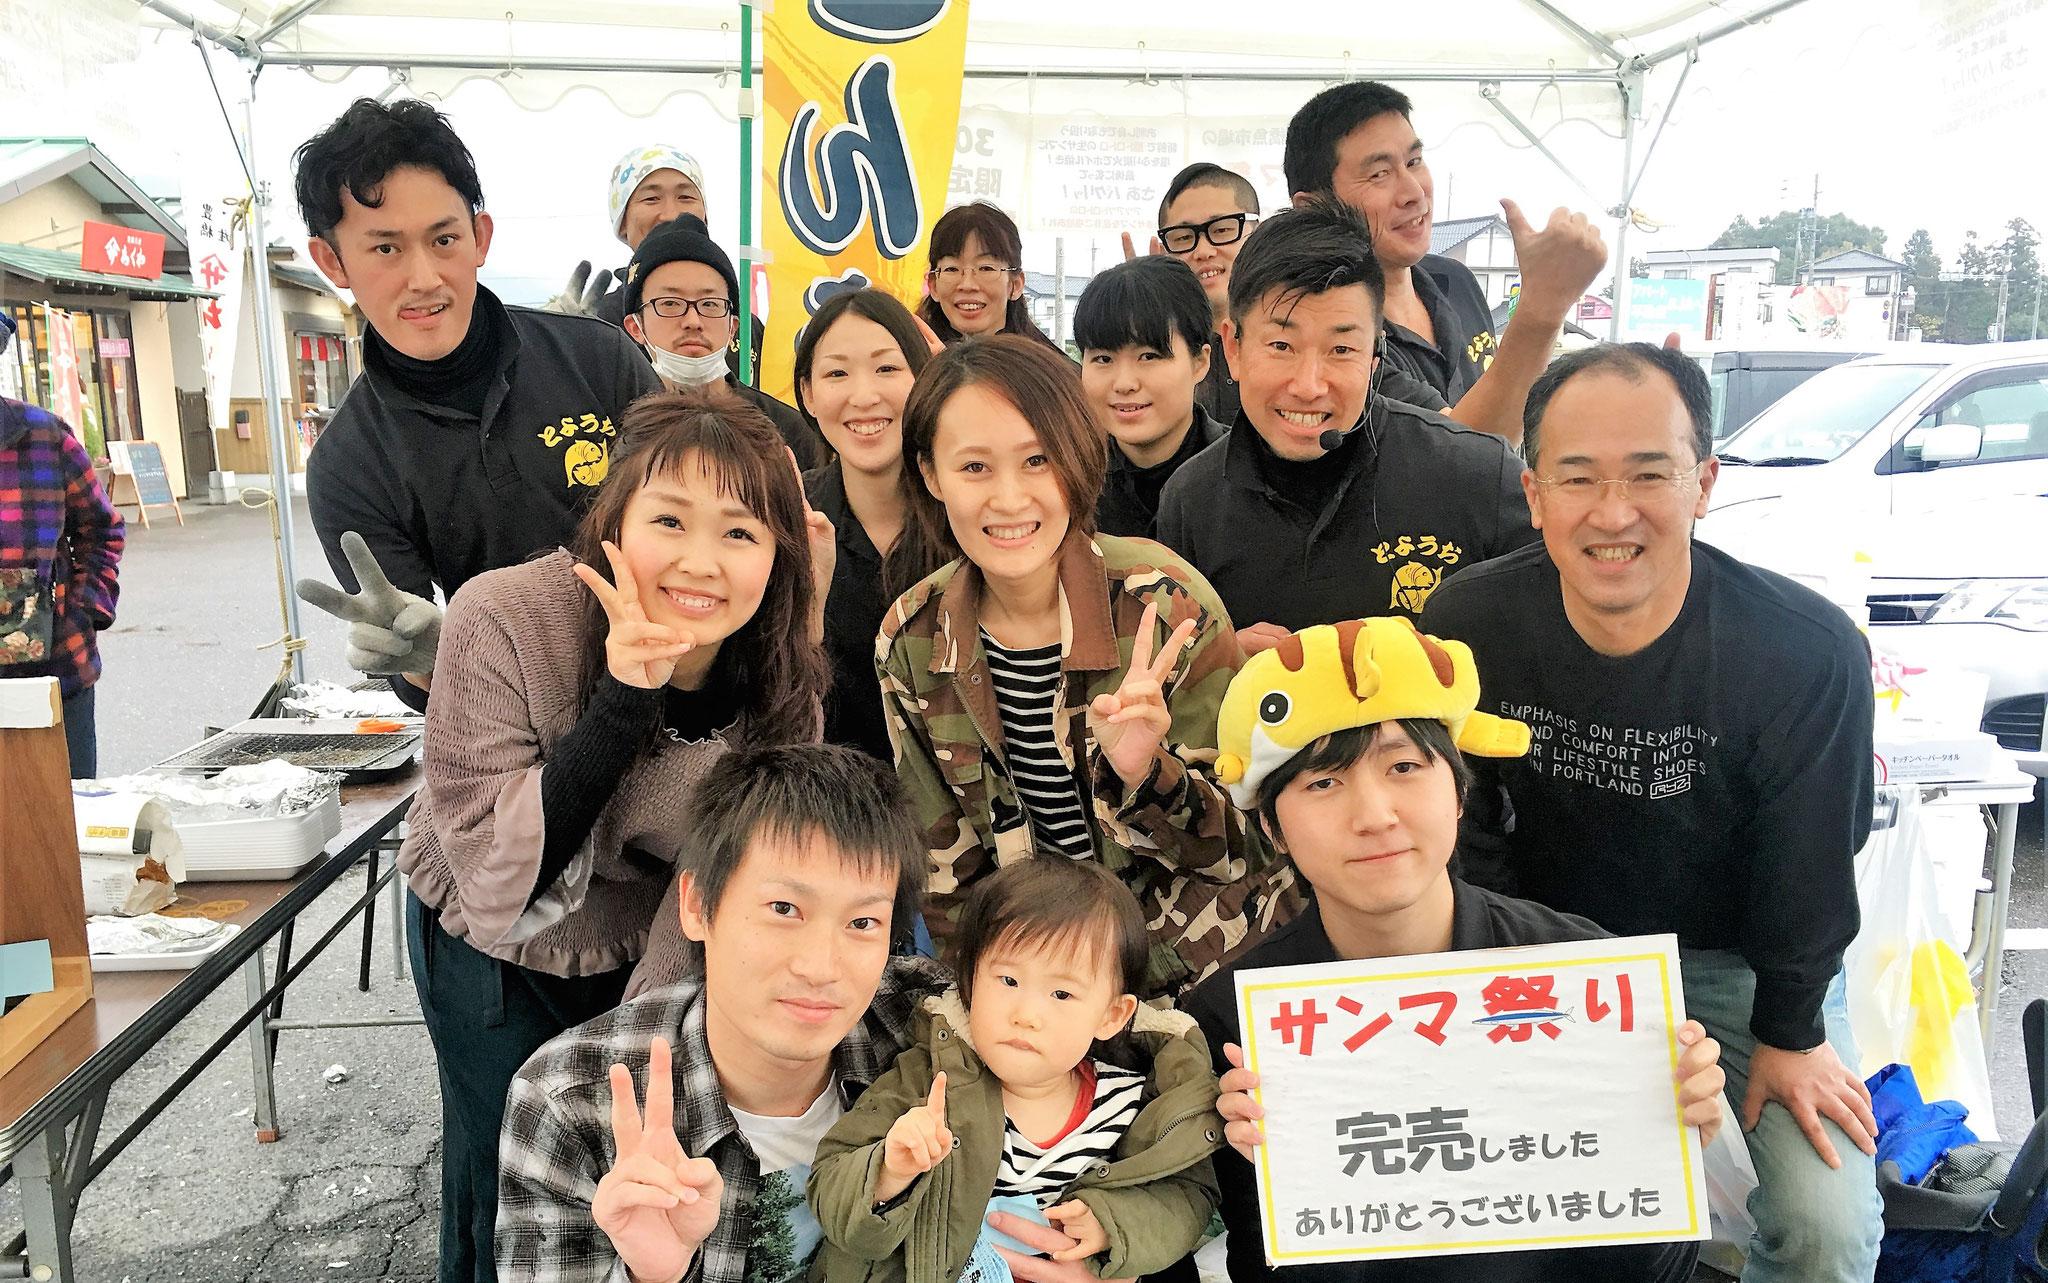 さんま祭り、最後のお客様となりました渡会様ご家族と記念撮影!!